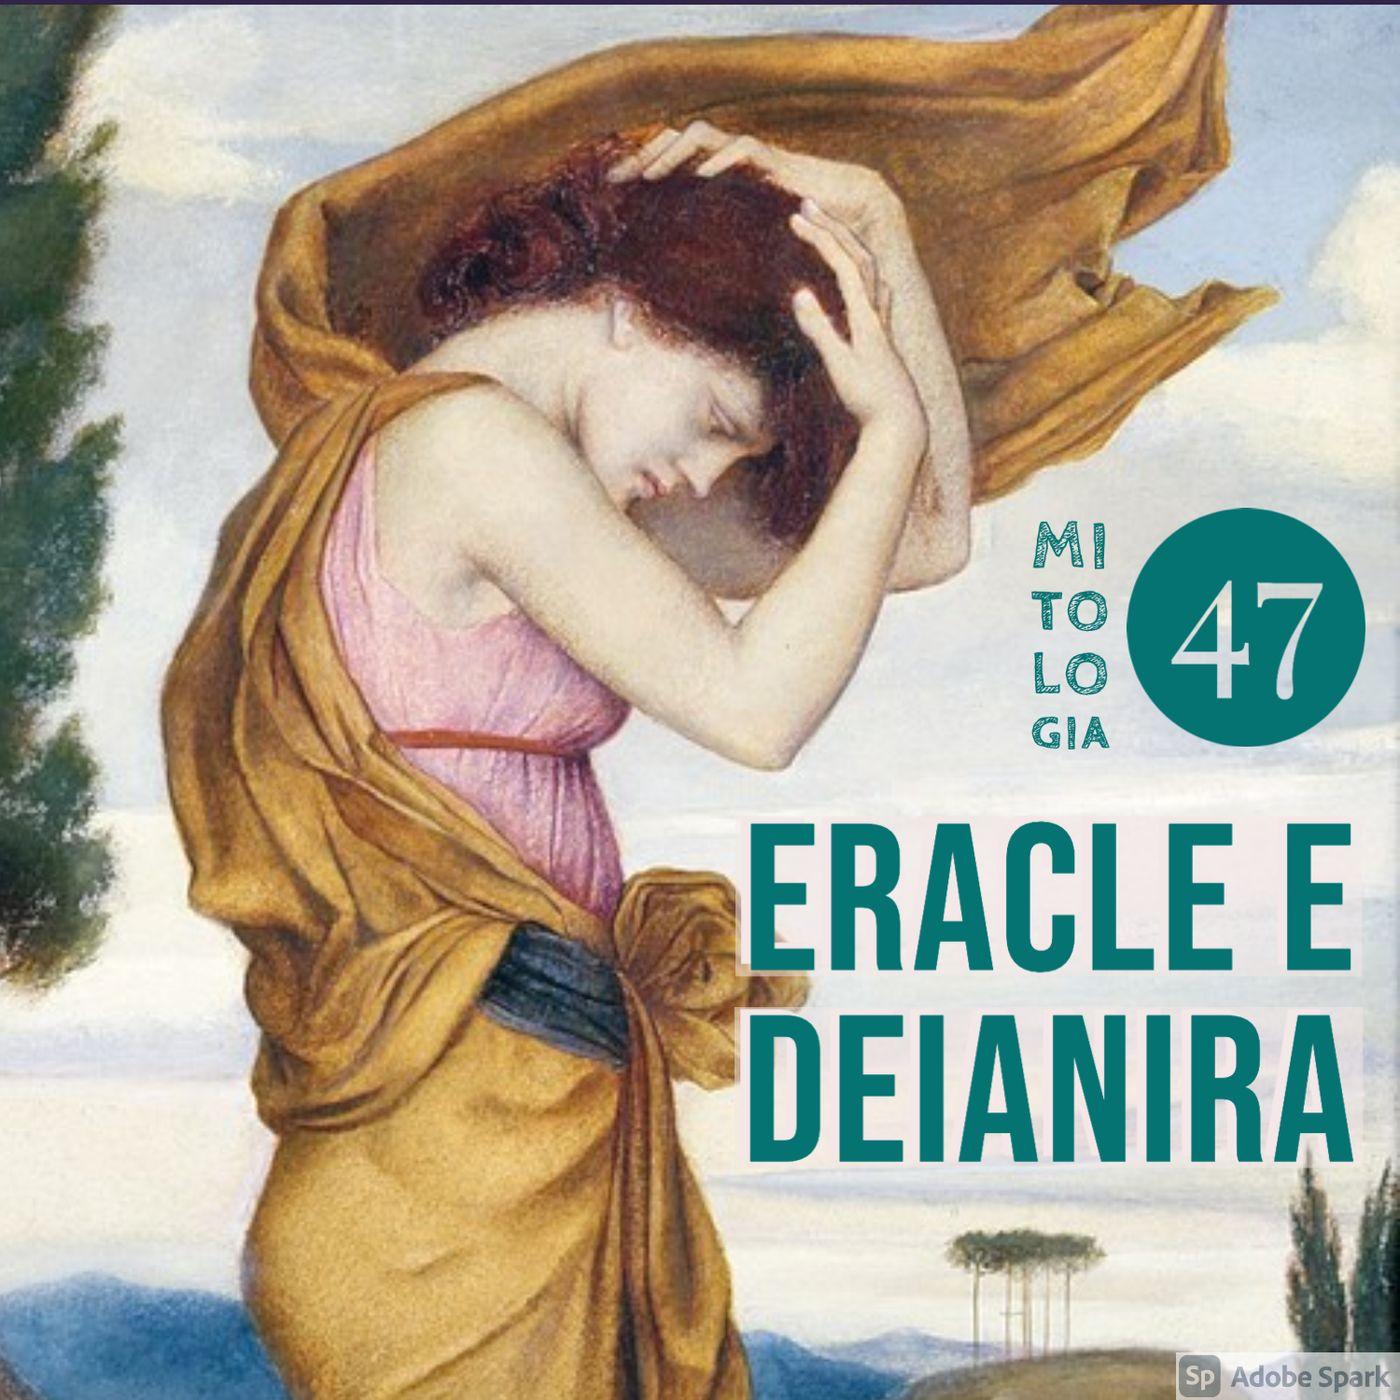 La vendetta di Eracle e l'incontro con Deianira